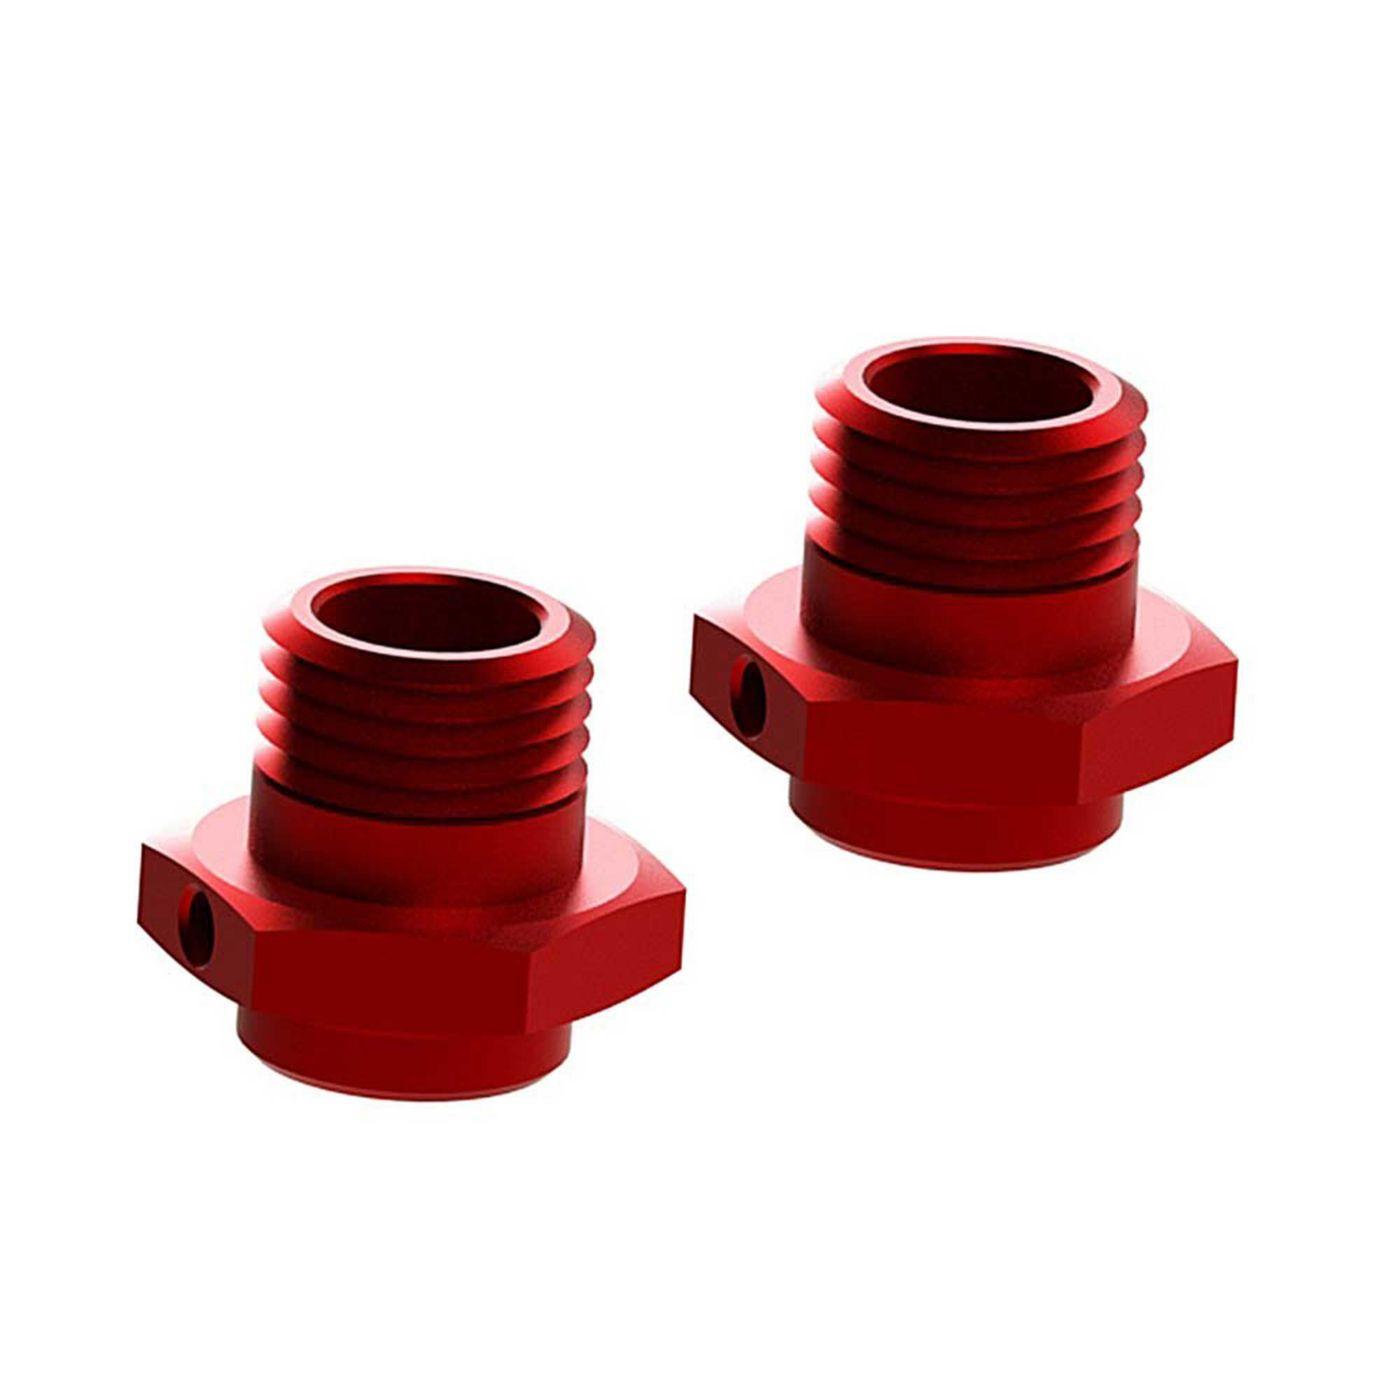 Wheel Hex Alumn 17mm/16.5mm Red (2)